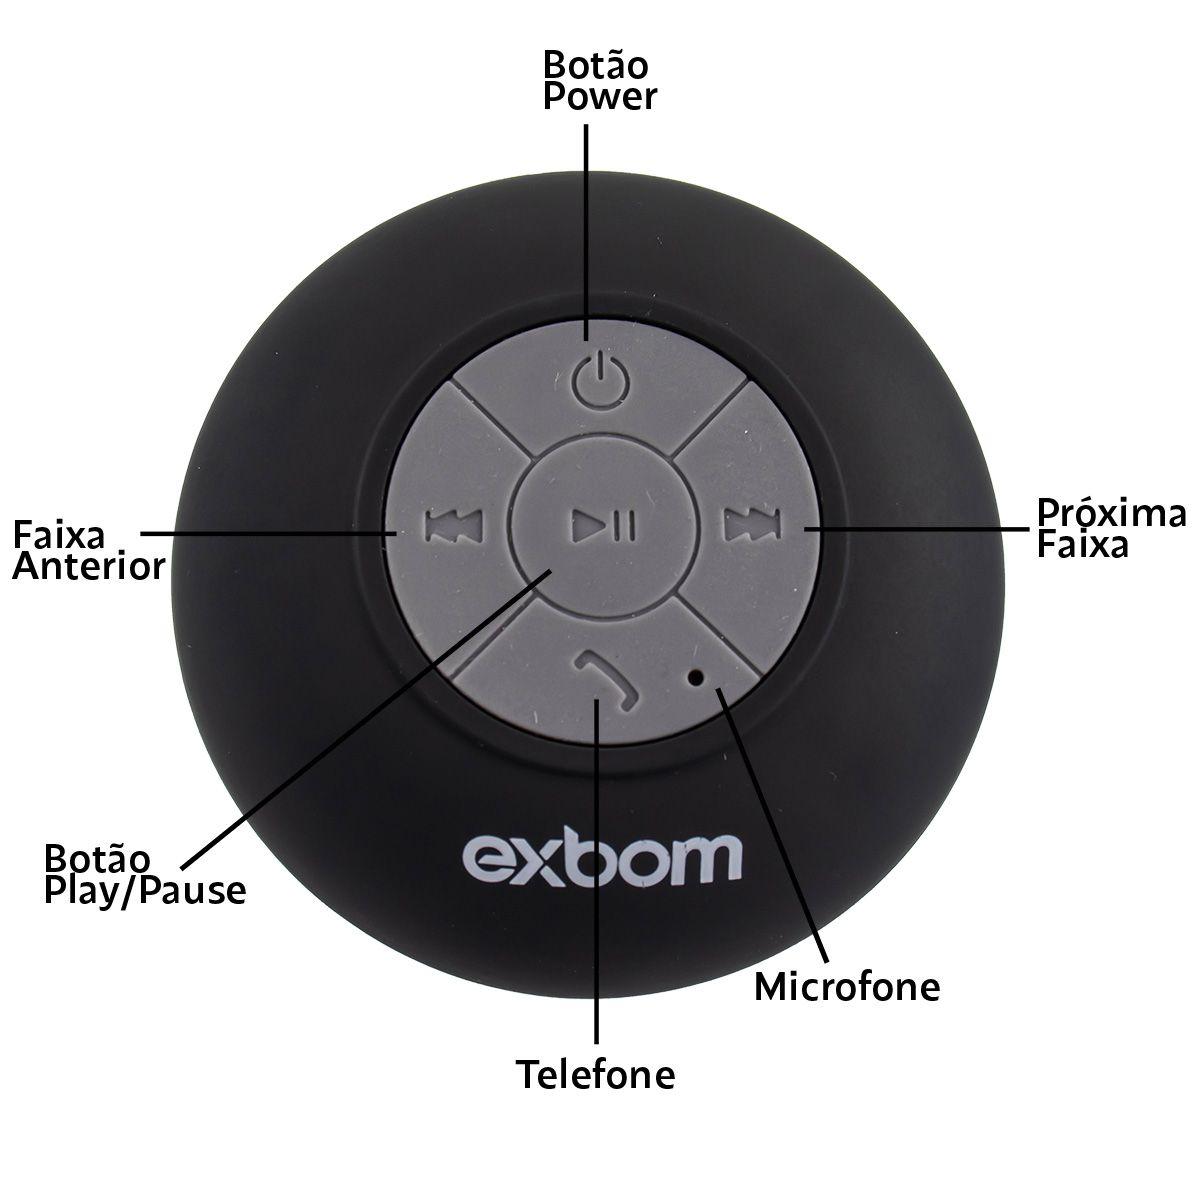 Caixa de Som Bluetooth Portátil à Prova D'água Exbom CS-A6BT